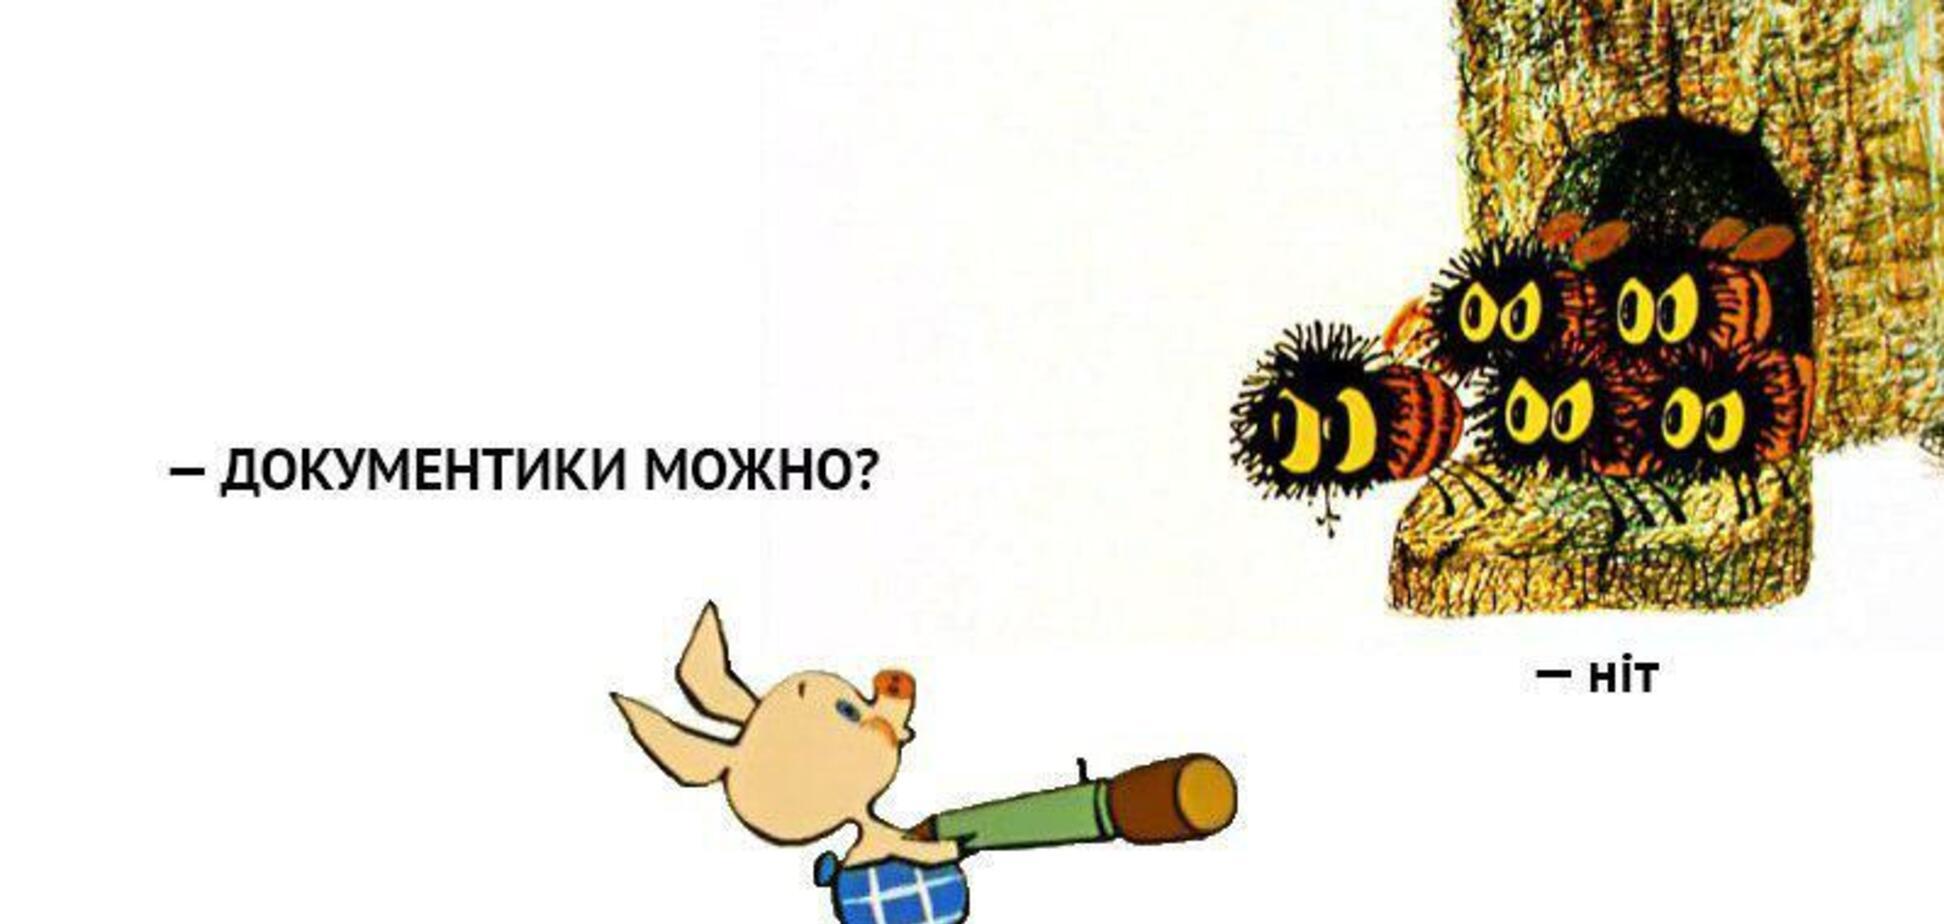 Диверсанты! Россия не впустила без документов 800 пчел из Украины